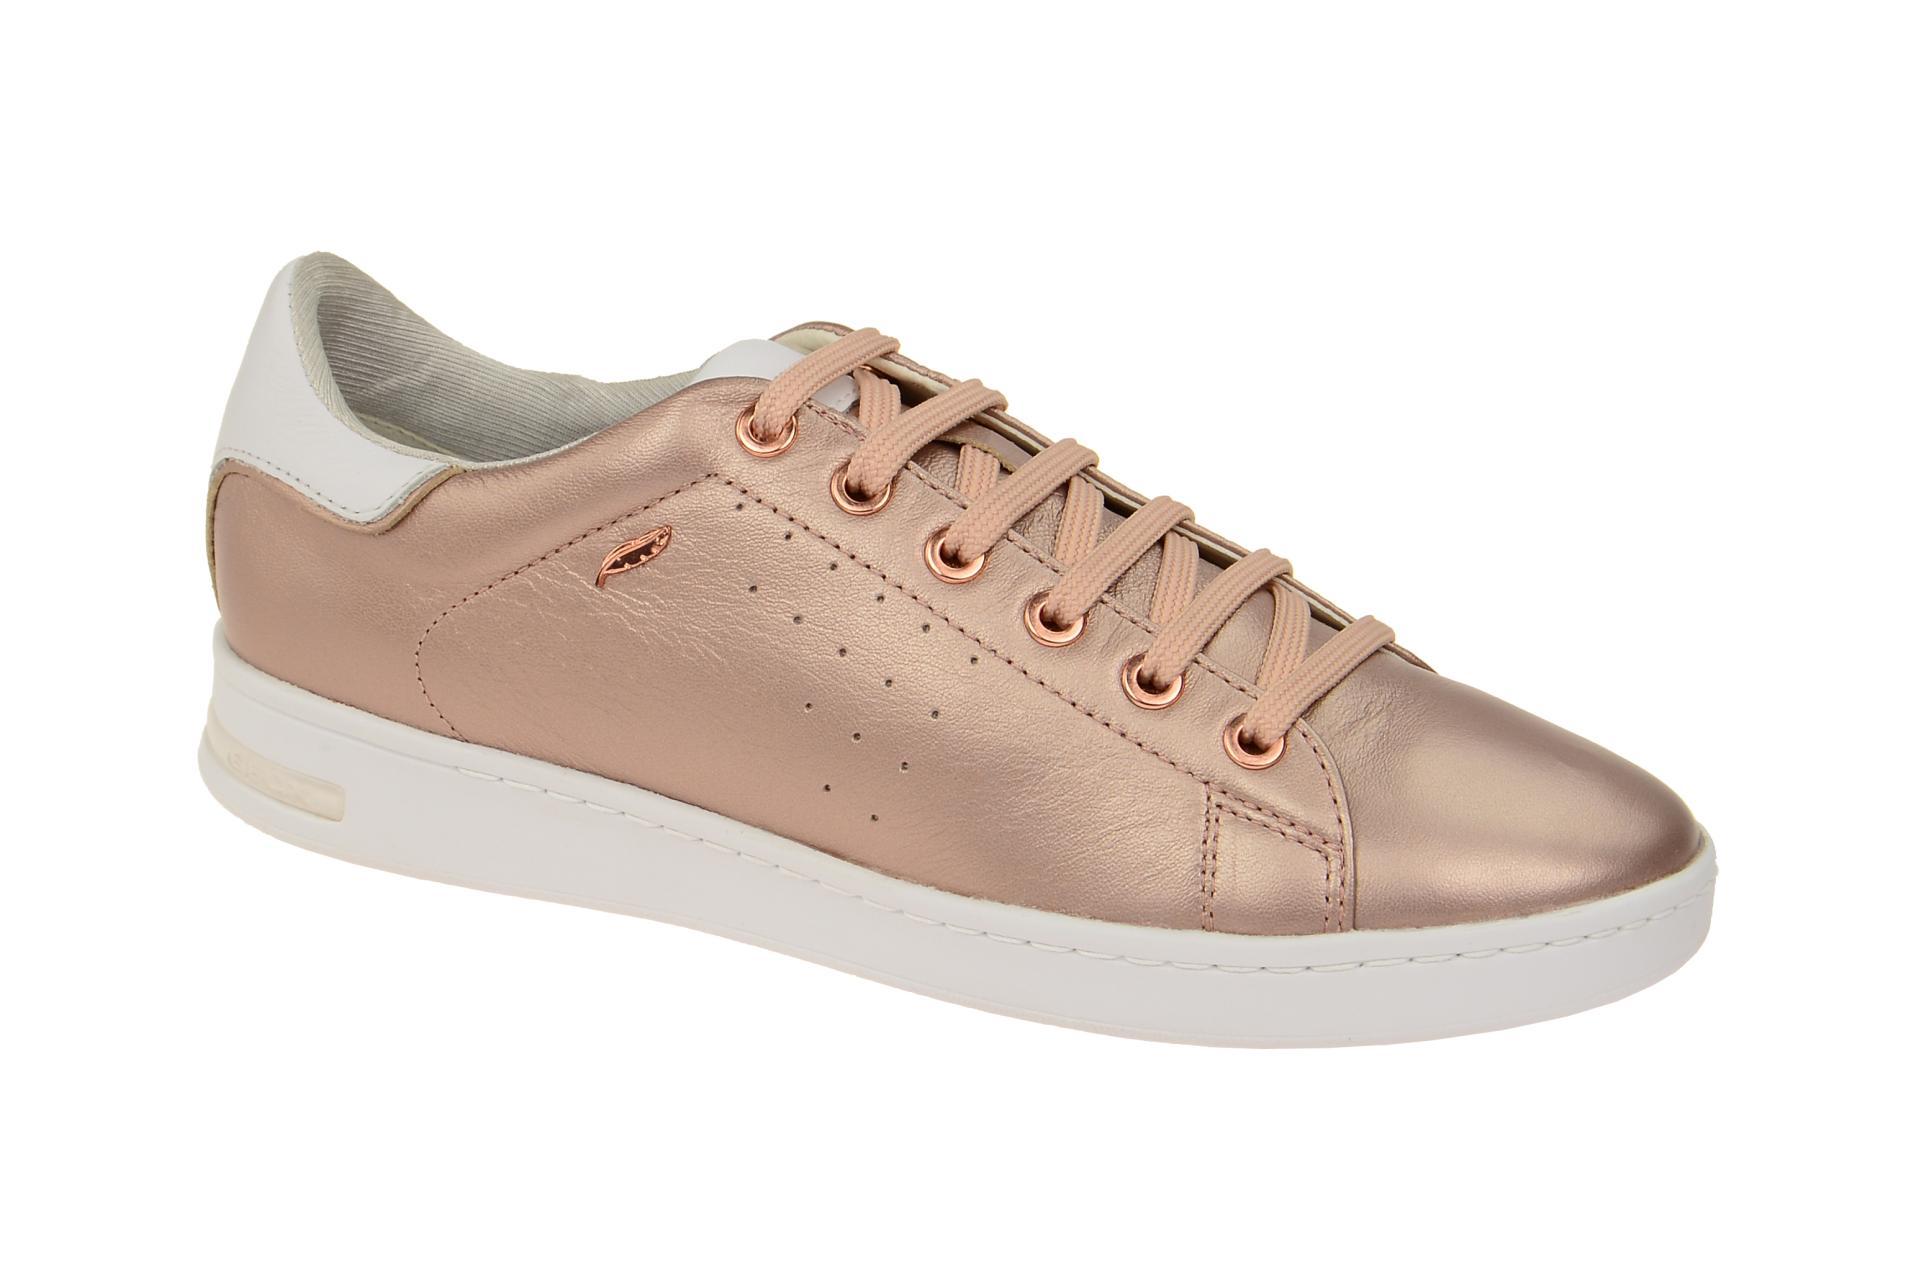 Geox Jaysen A Damenschuhe in weiß Sneakers 2018 (Gr. 37, 40, 41, 39)